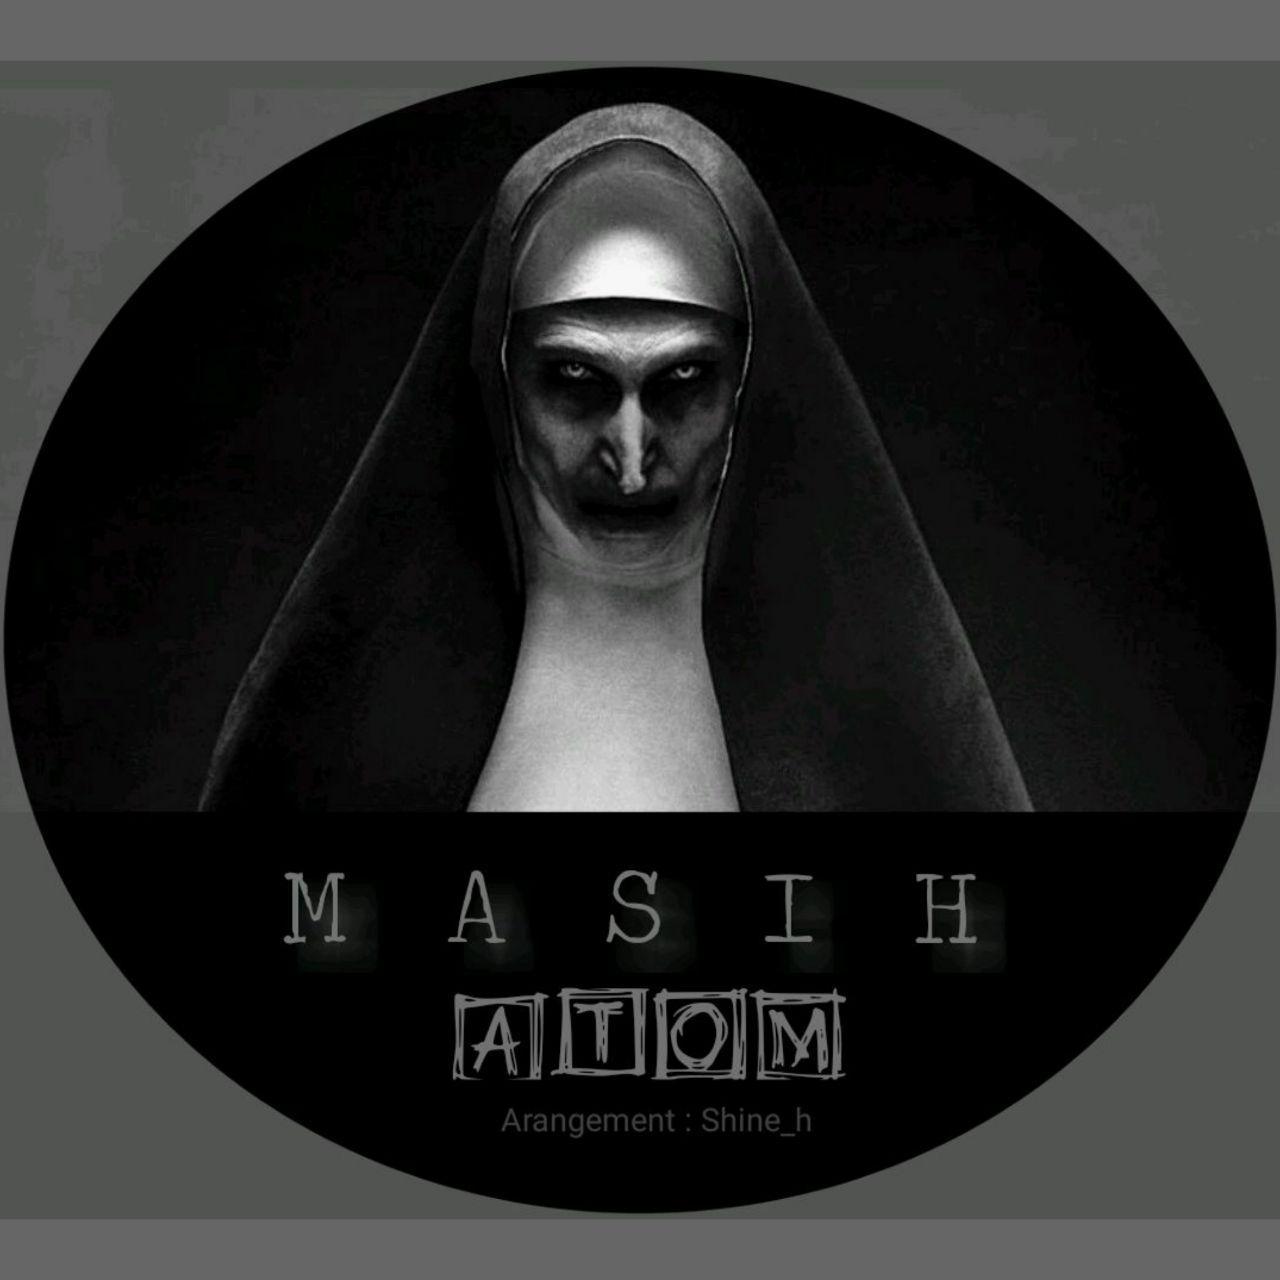 Atom – Masih